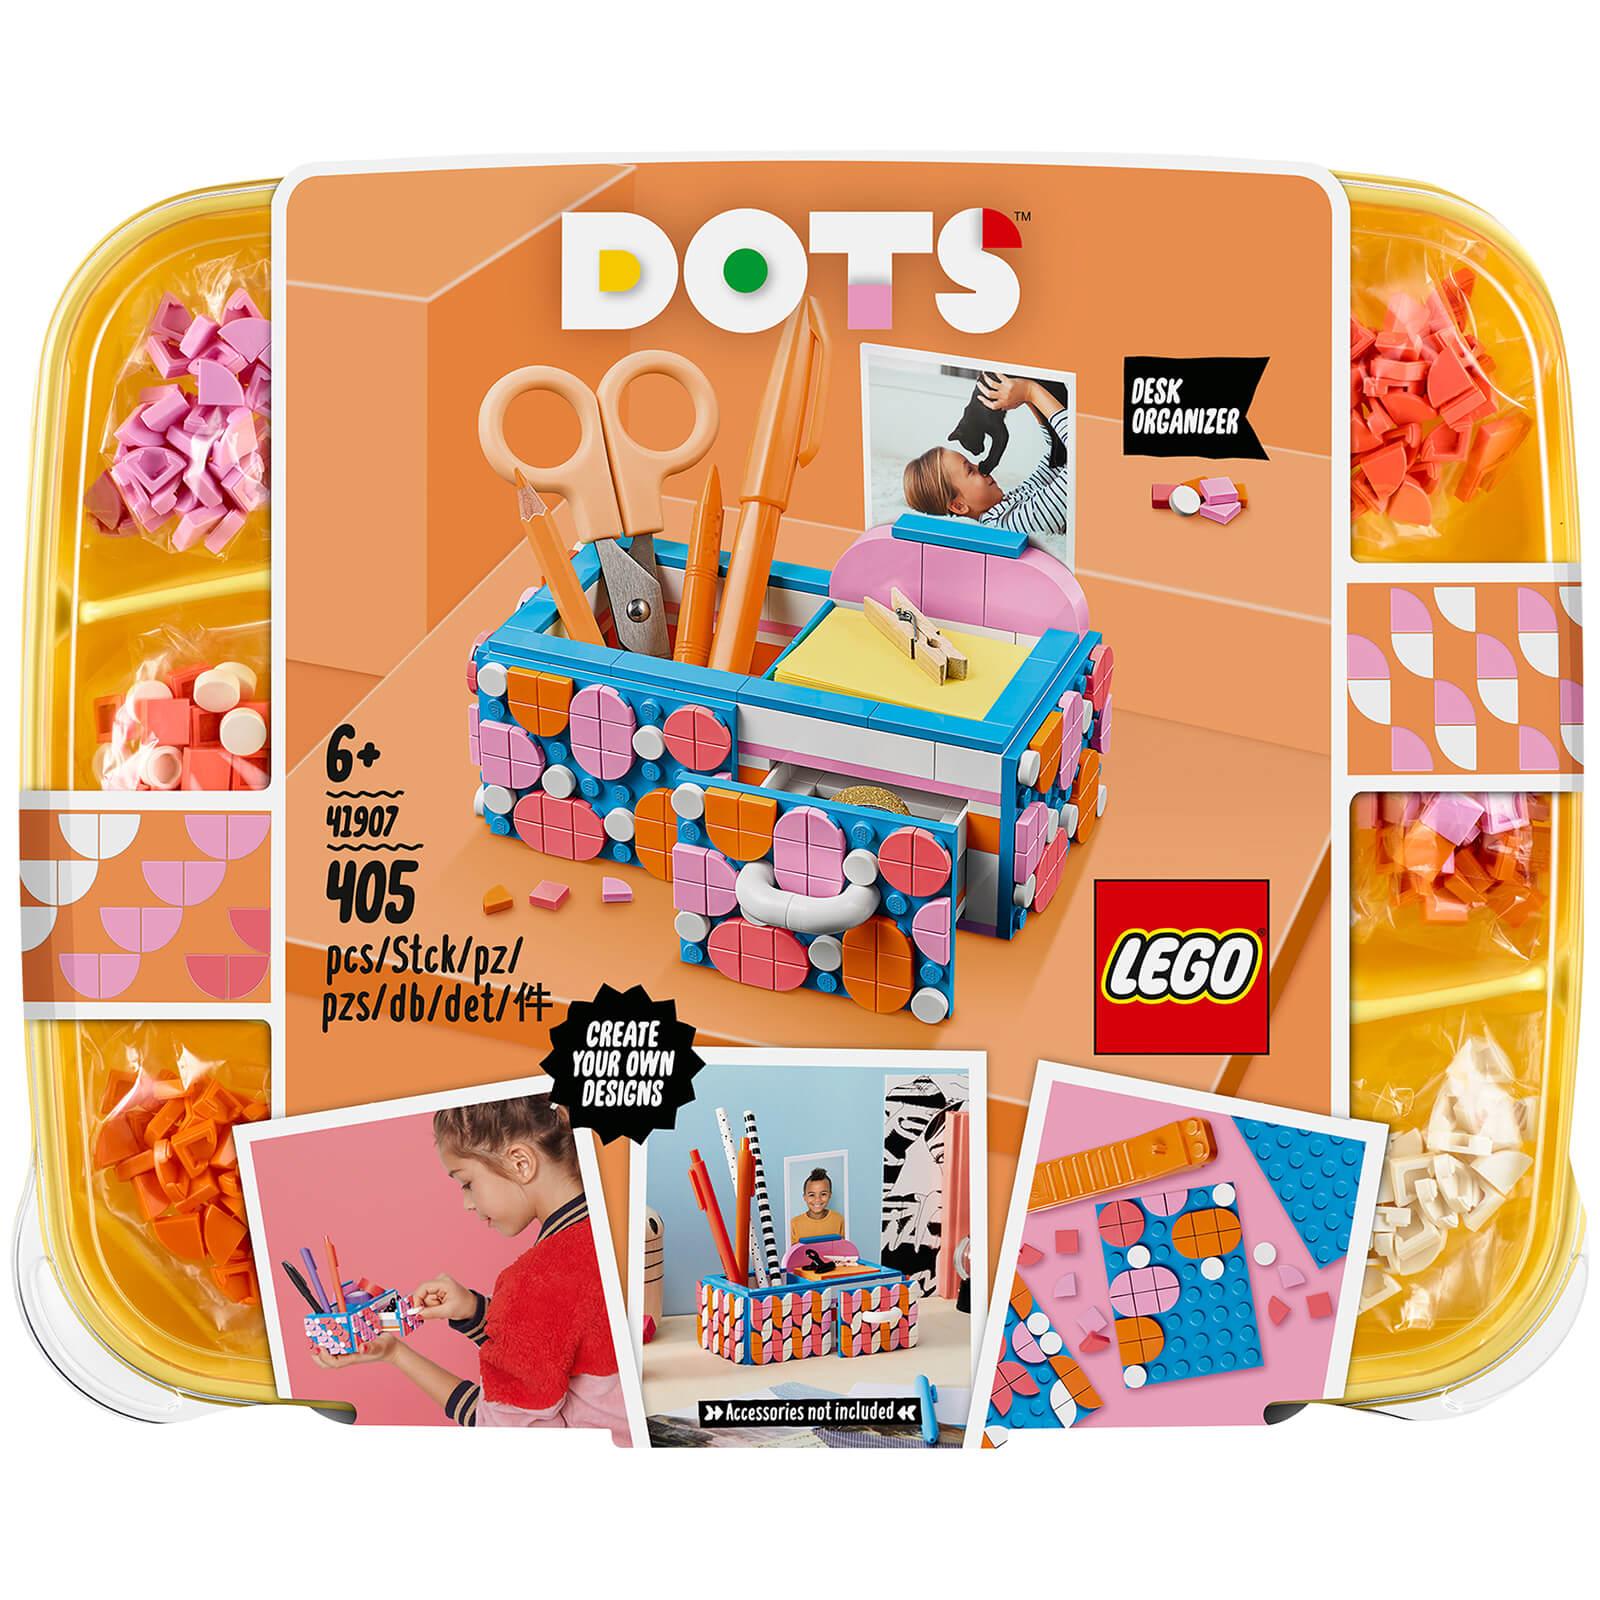 Lego DOTS: Desk Organiser DIY Arts & Crafts Set by LEGO (41907)